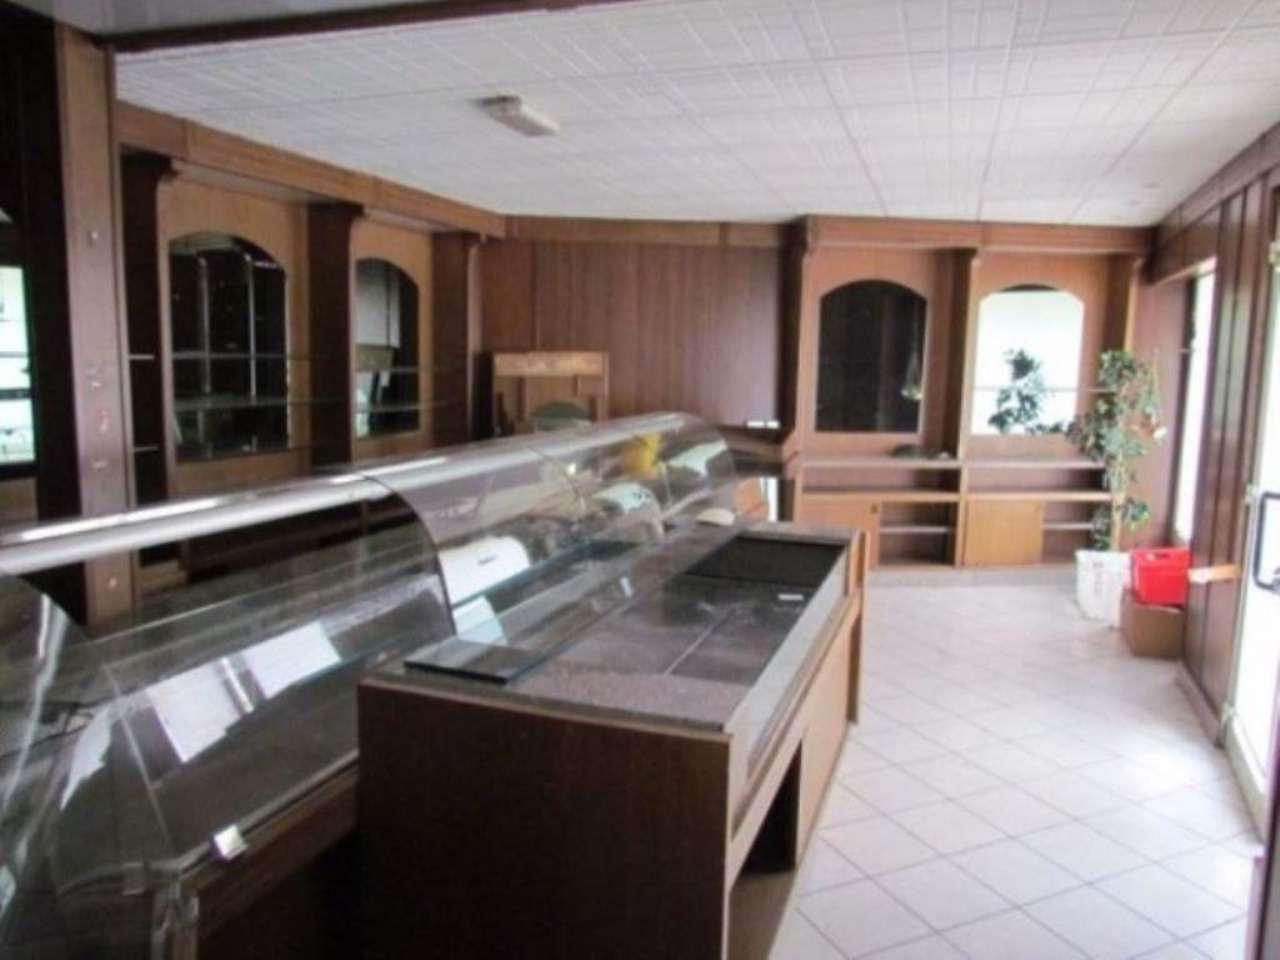 Negozio / Locale in vendita a Savigliano, 4 locali, prezzo € 105.000 | Cambio Casa.it